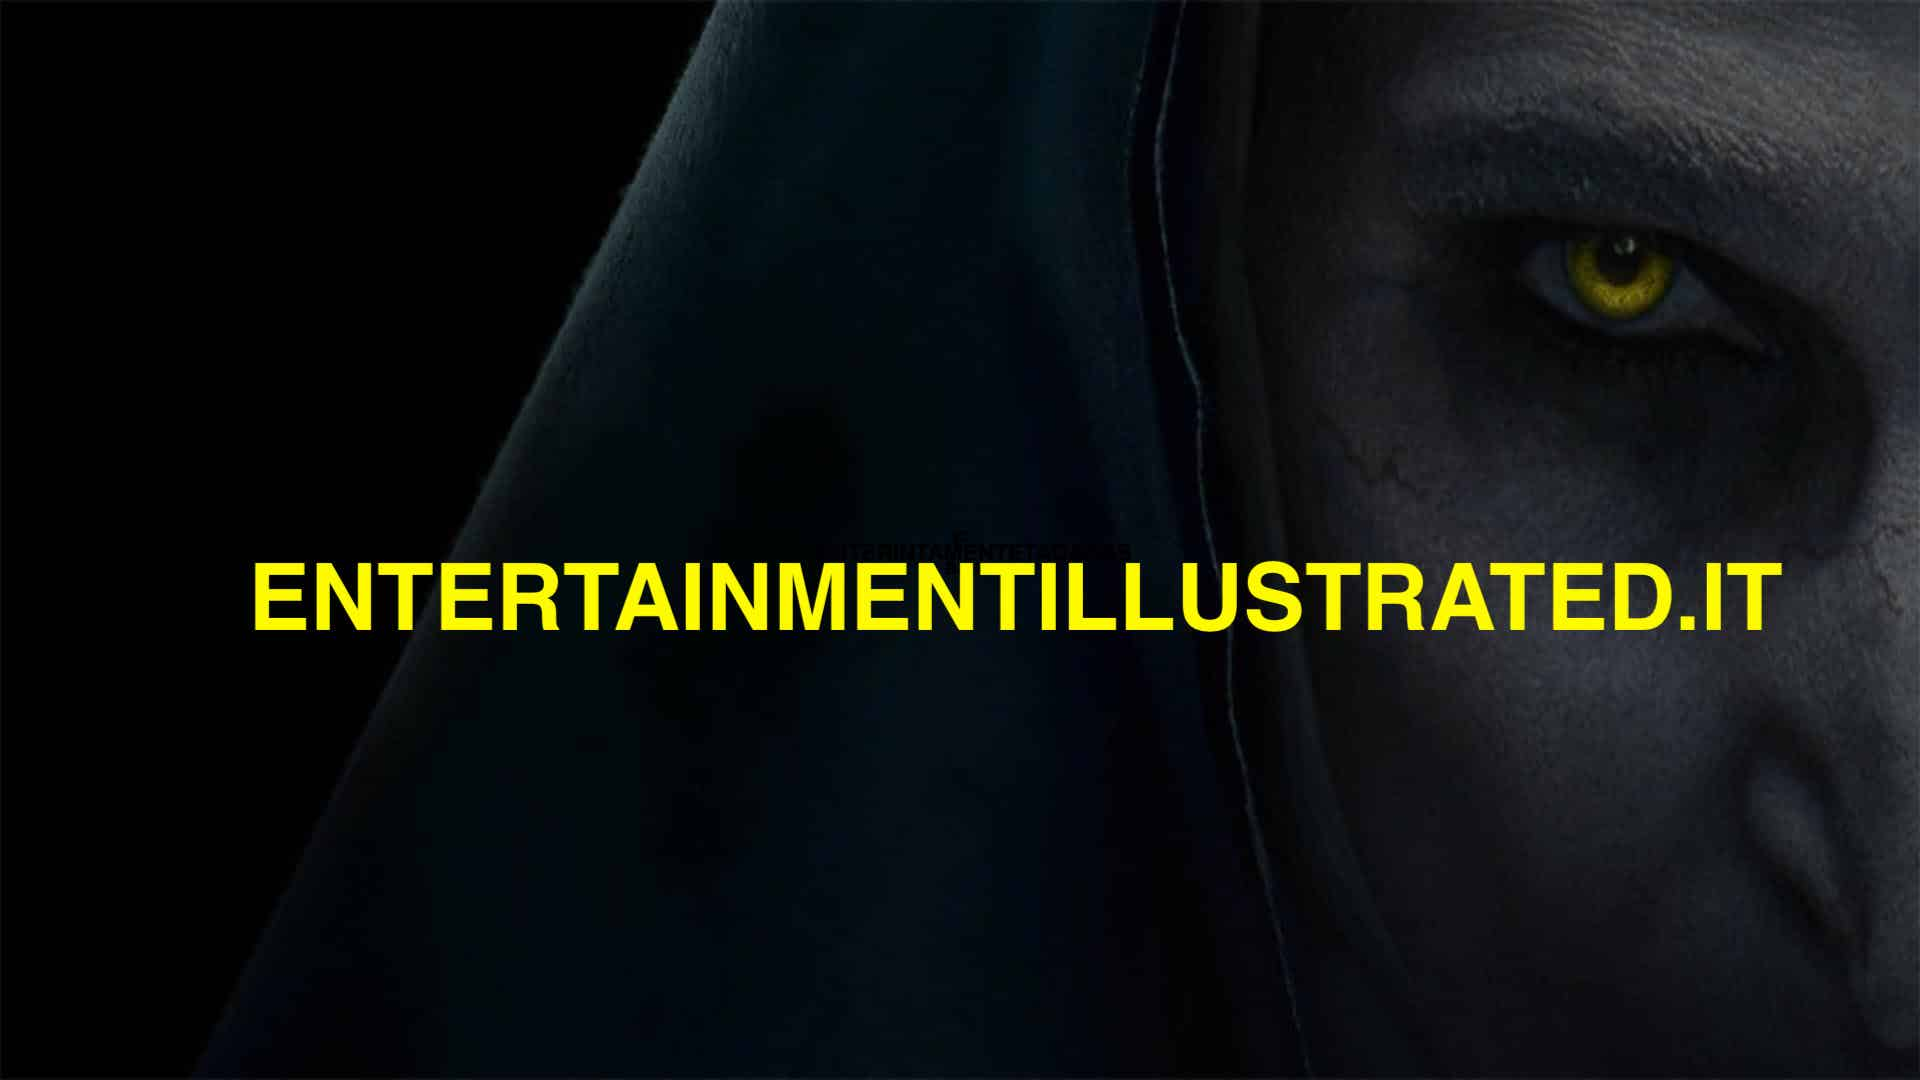 Oscar 2018: Guillermo Del Toro conquista tredici nomination